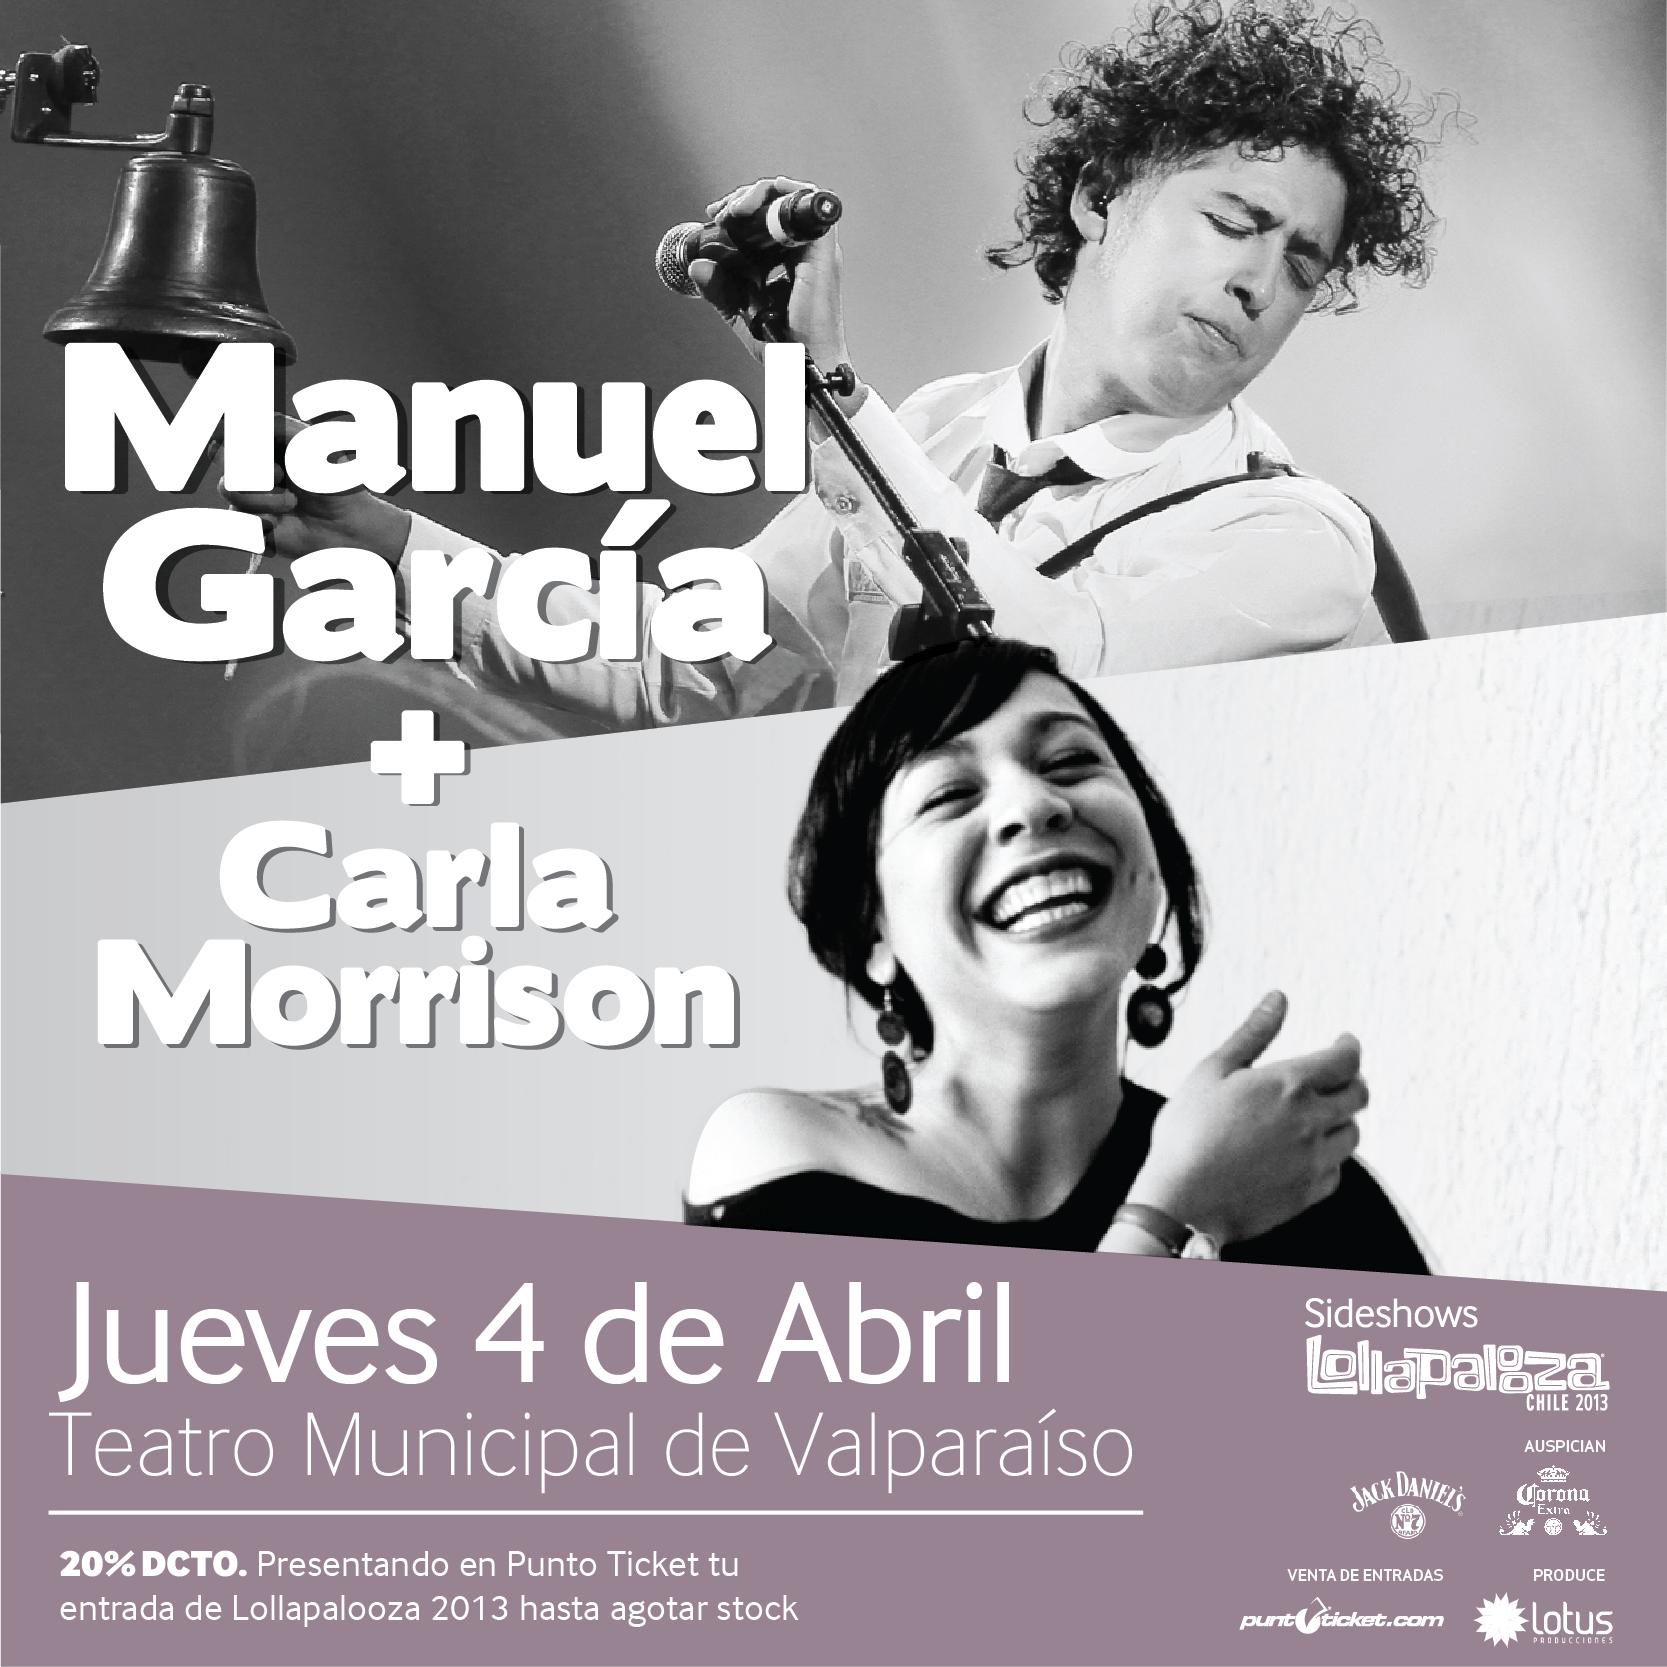 Lollapalooza anuncia nuevo sideshow: Manuel García + Carla Morrison